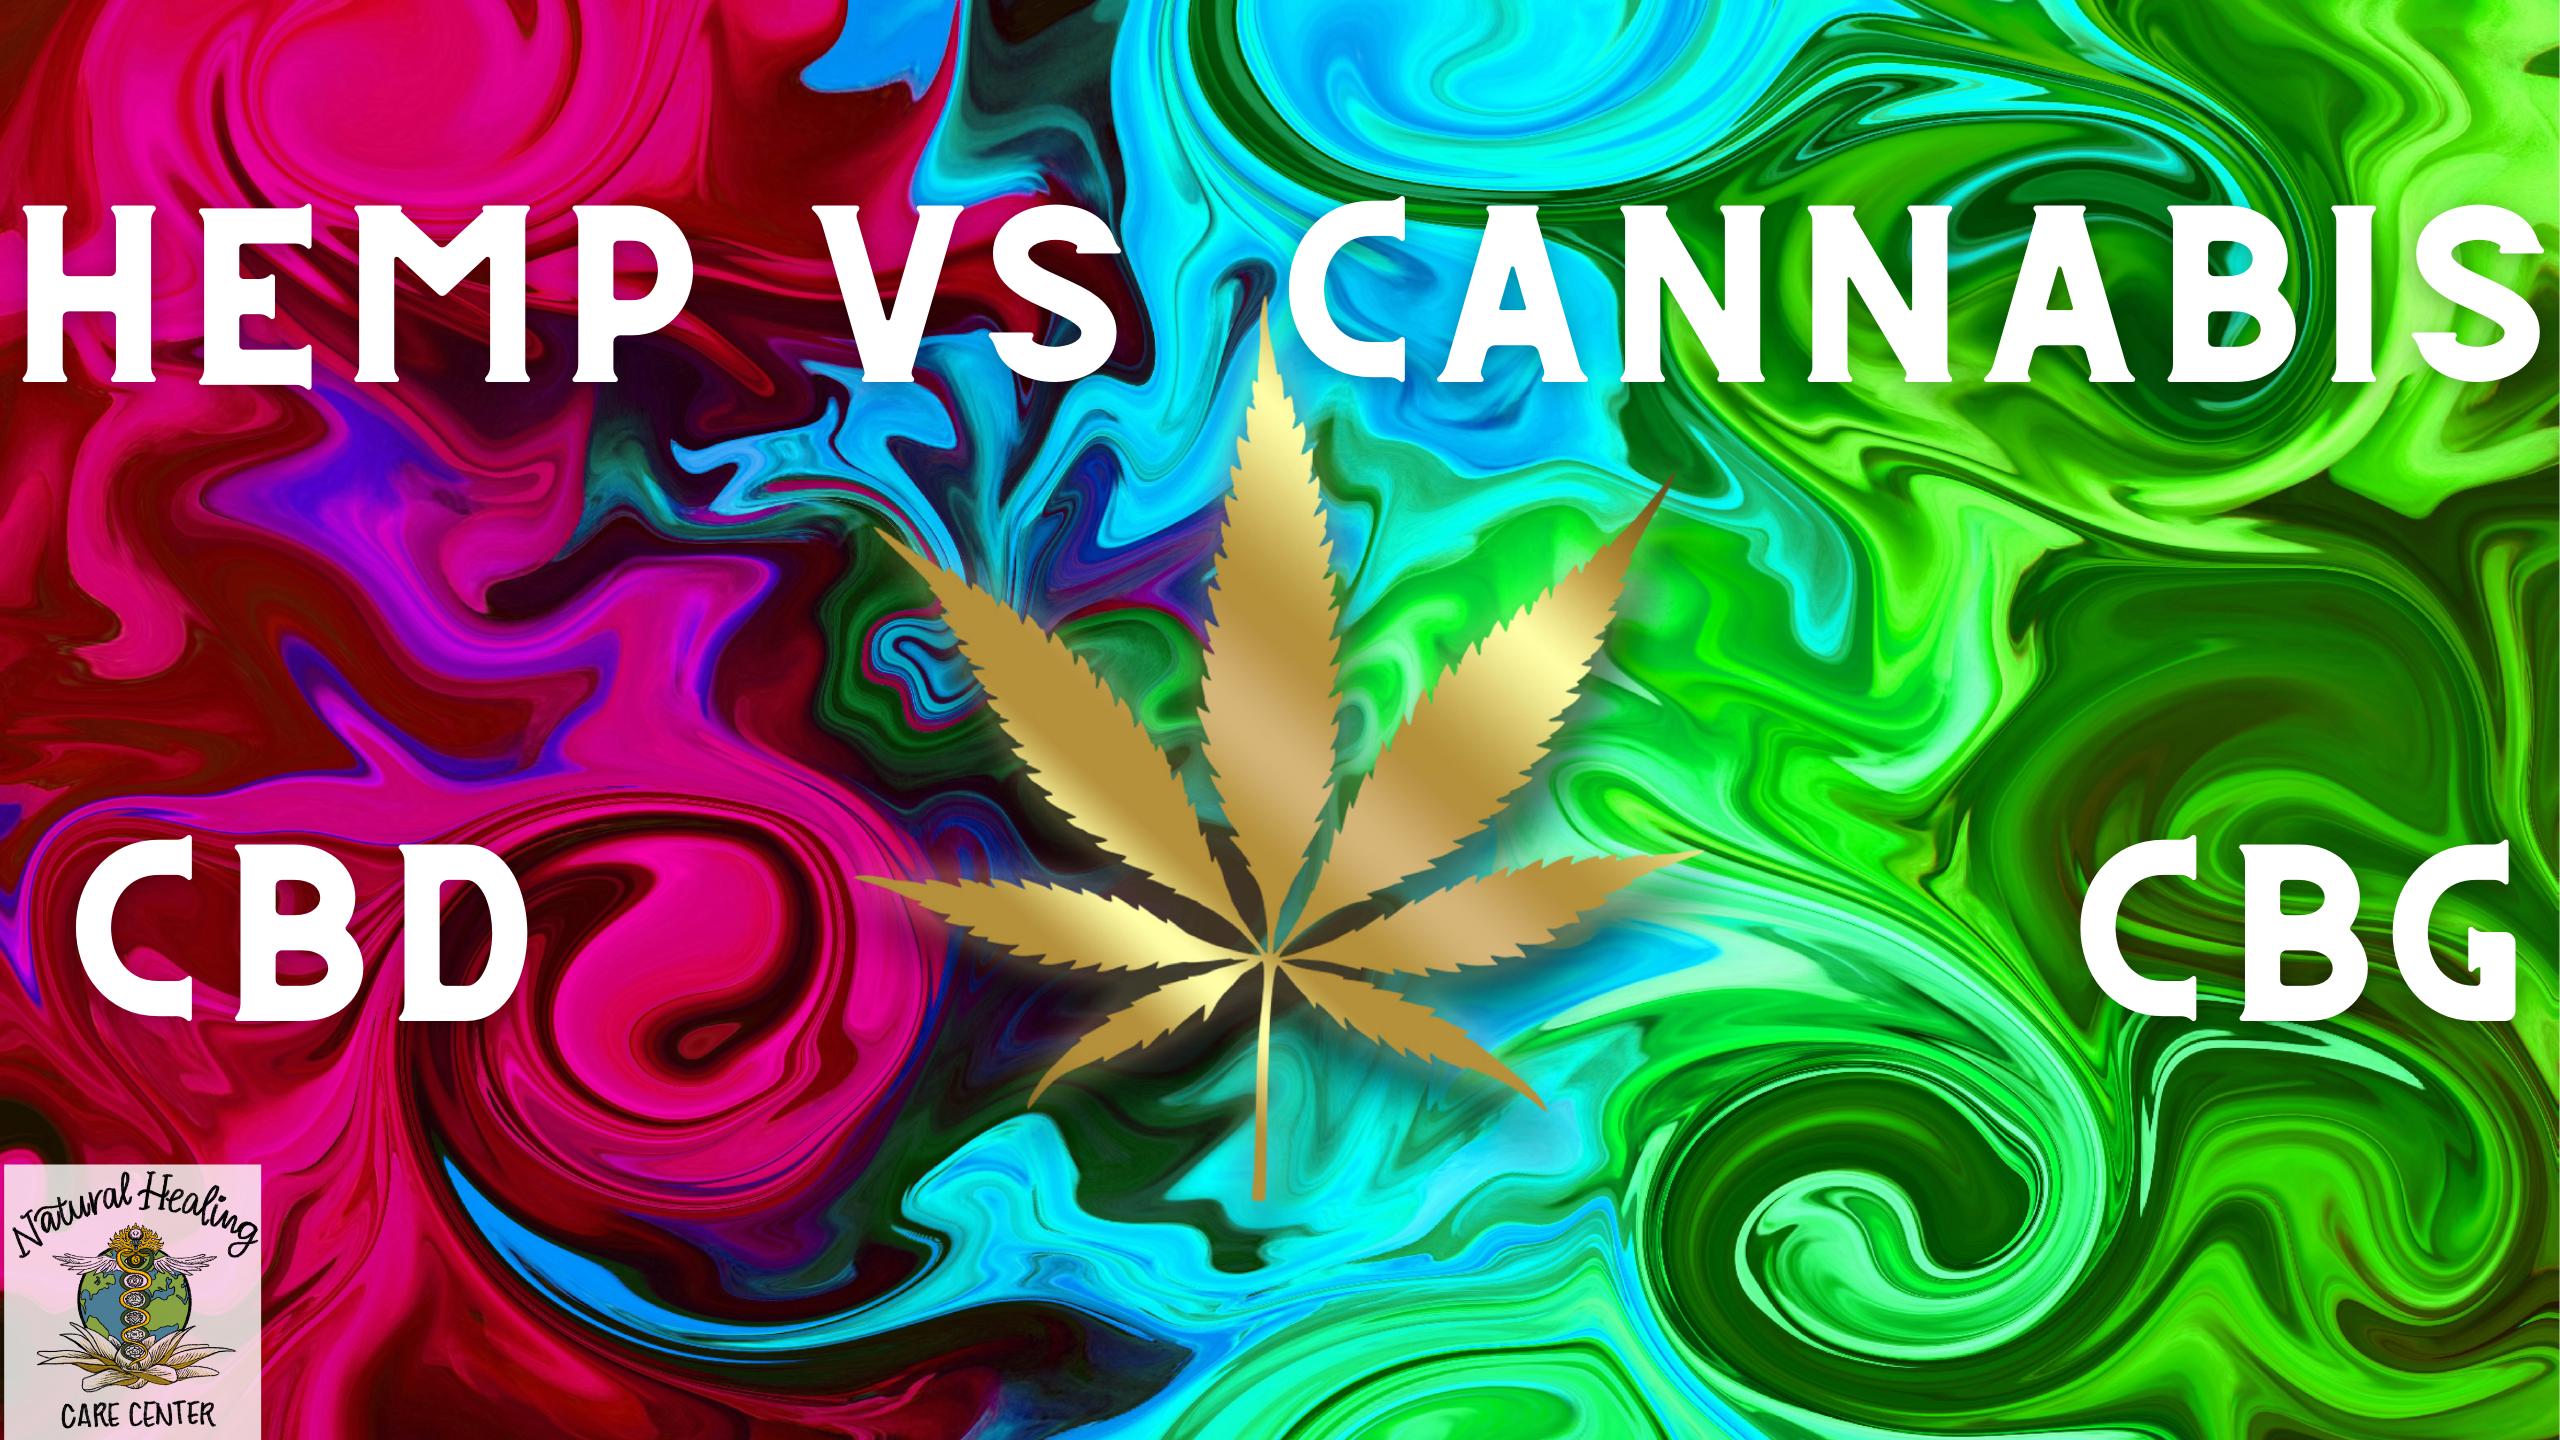 CANNABIS VS HEMP CBD WHAT IS CBC AND CBG